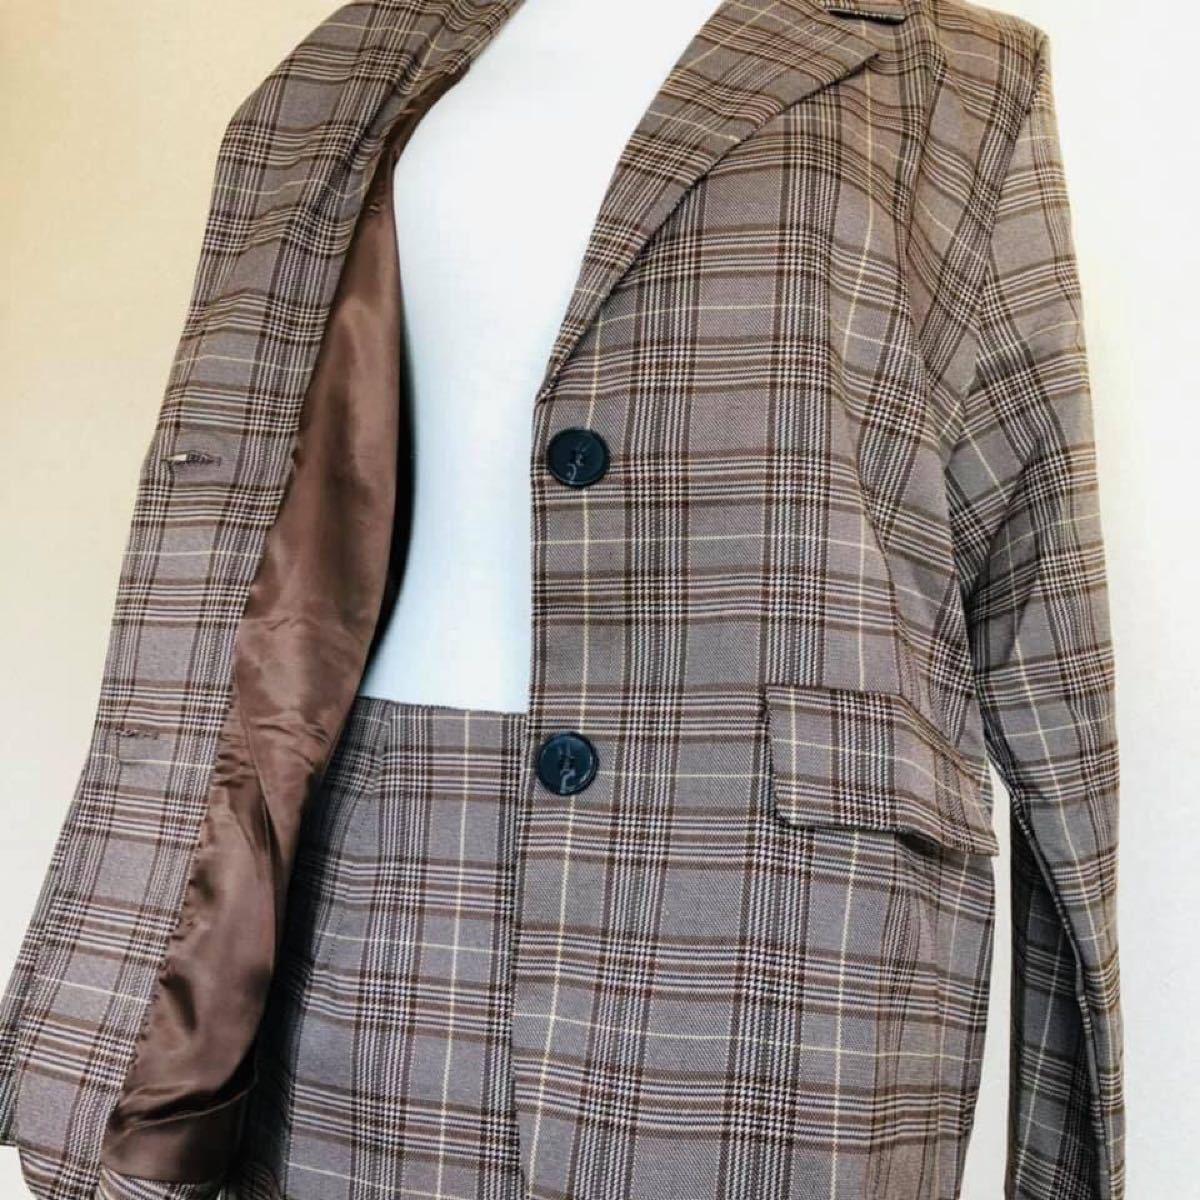 レディース スーツ2点セット チェック柄 タイトスカート テーラードジャケット Lサイズ